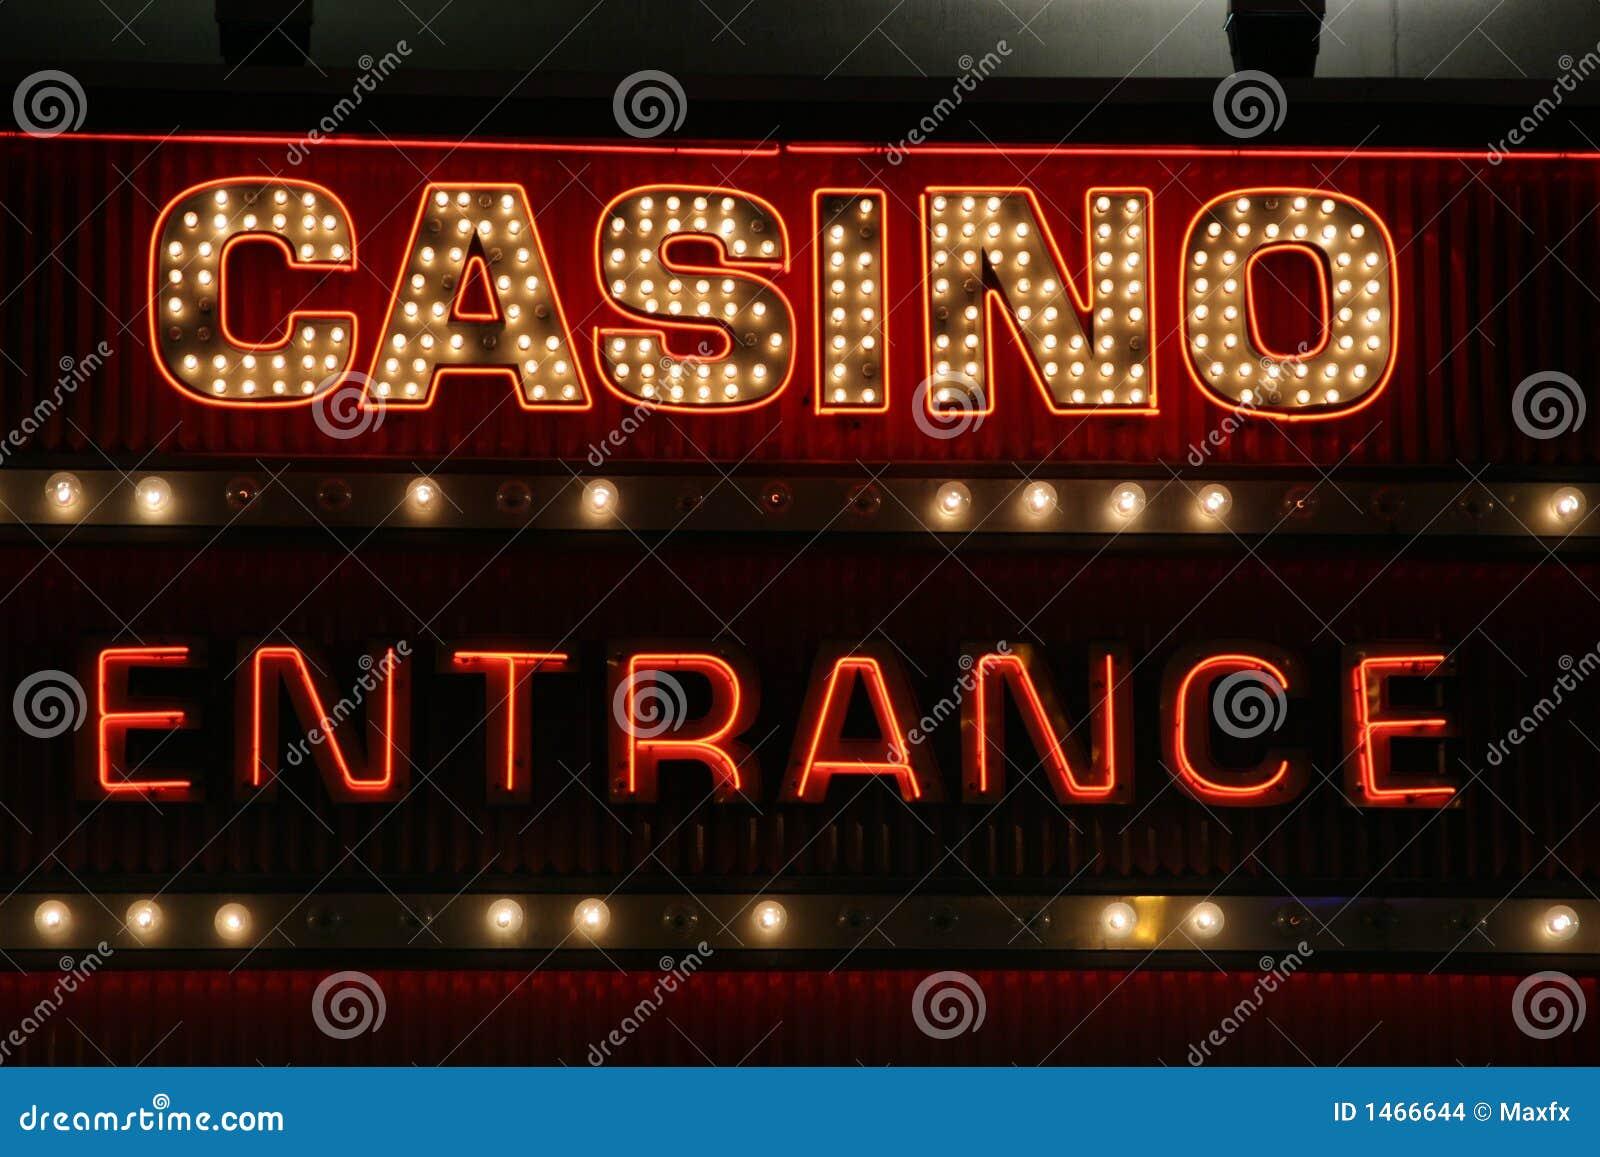 virtual tour of las vegas casinos